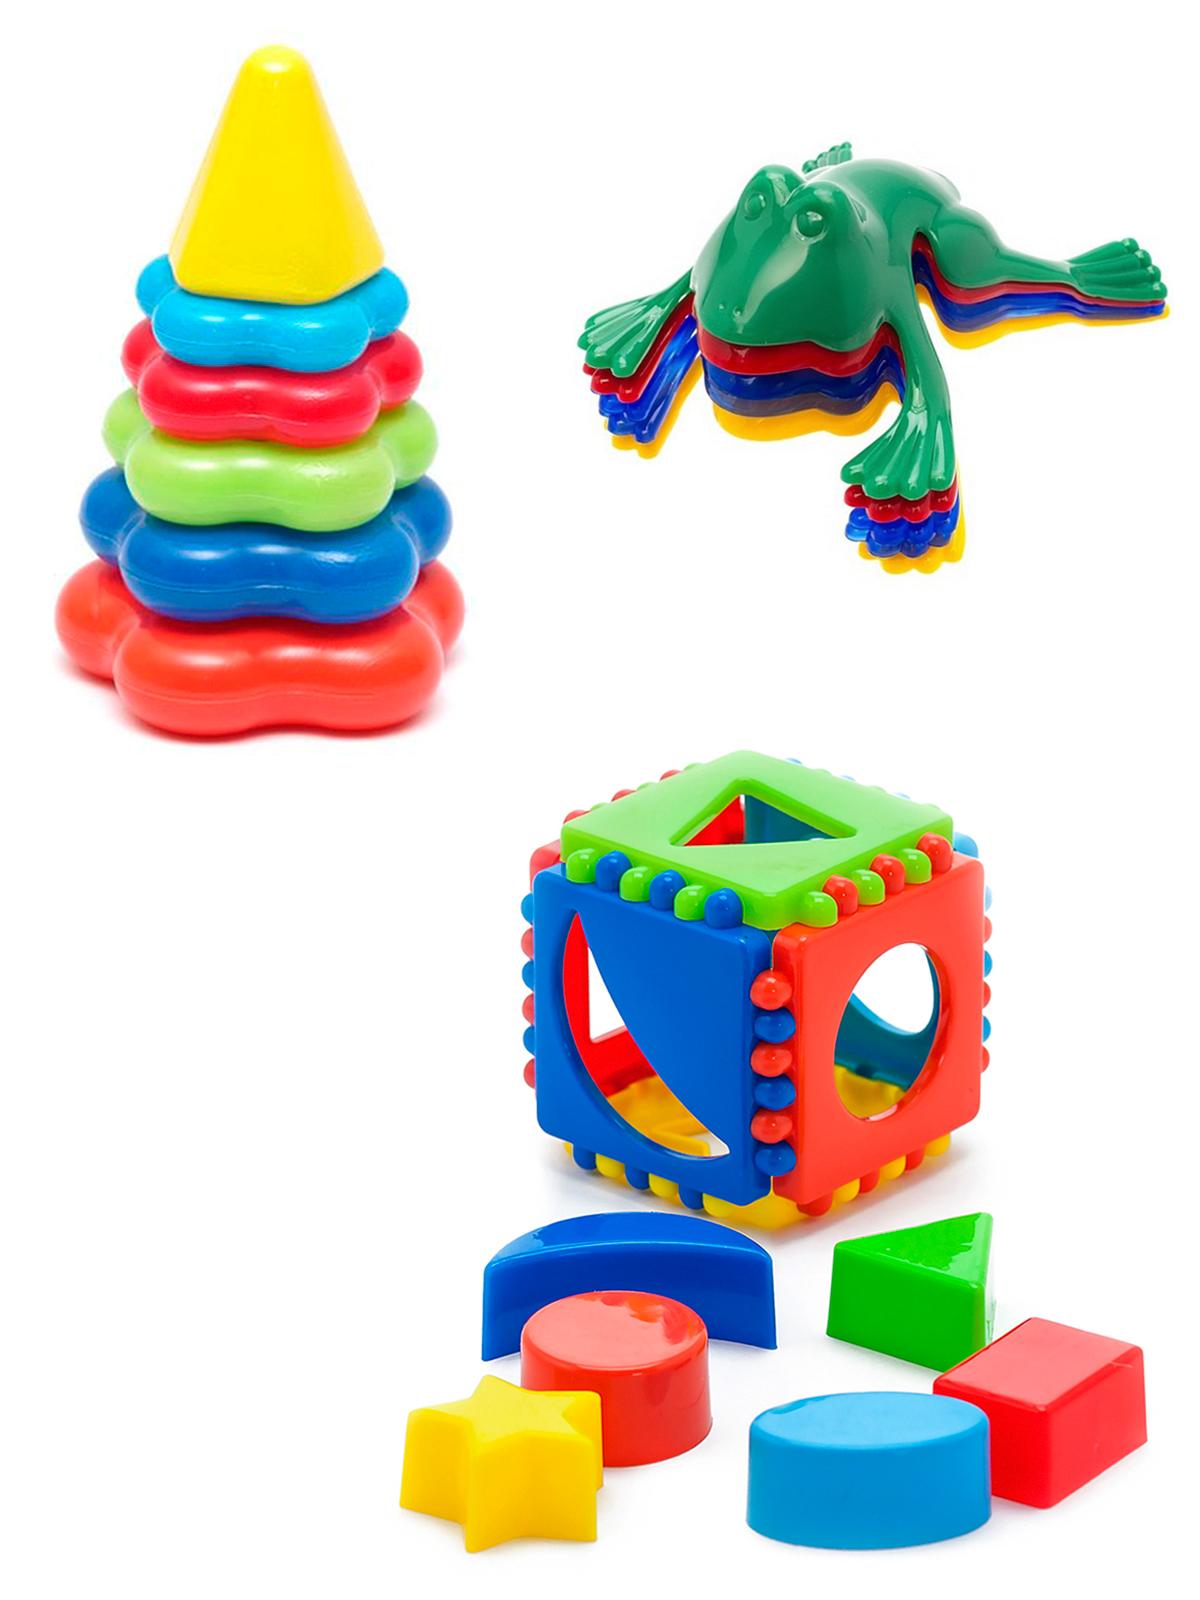 Купить Развивающие игрушки Karolina Toys Кубик логический малый+Пирамида малая Команда КВА,